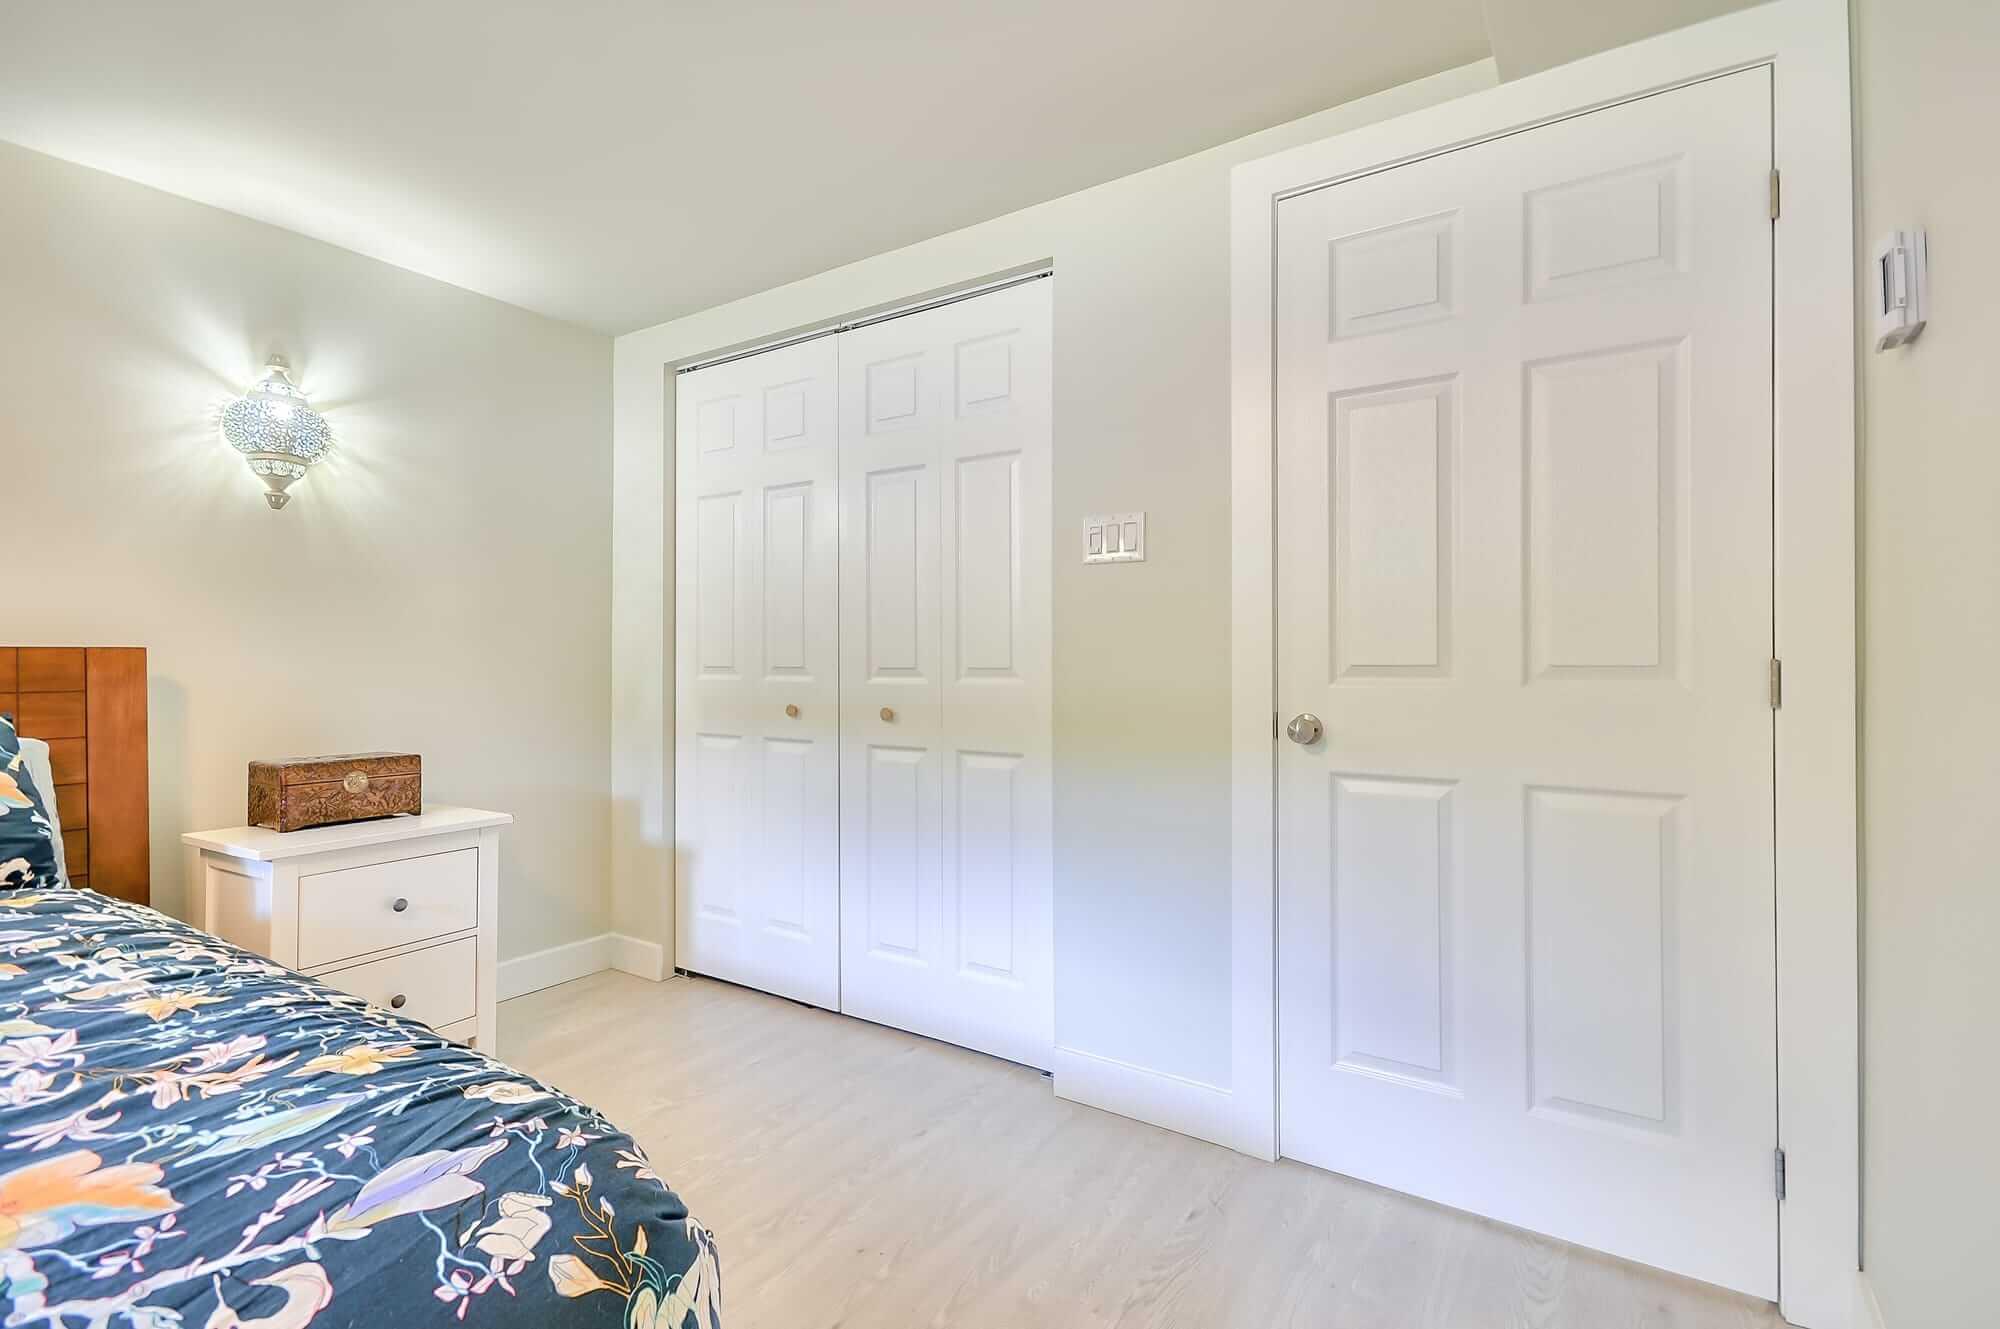 white doors in a basement bedroom